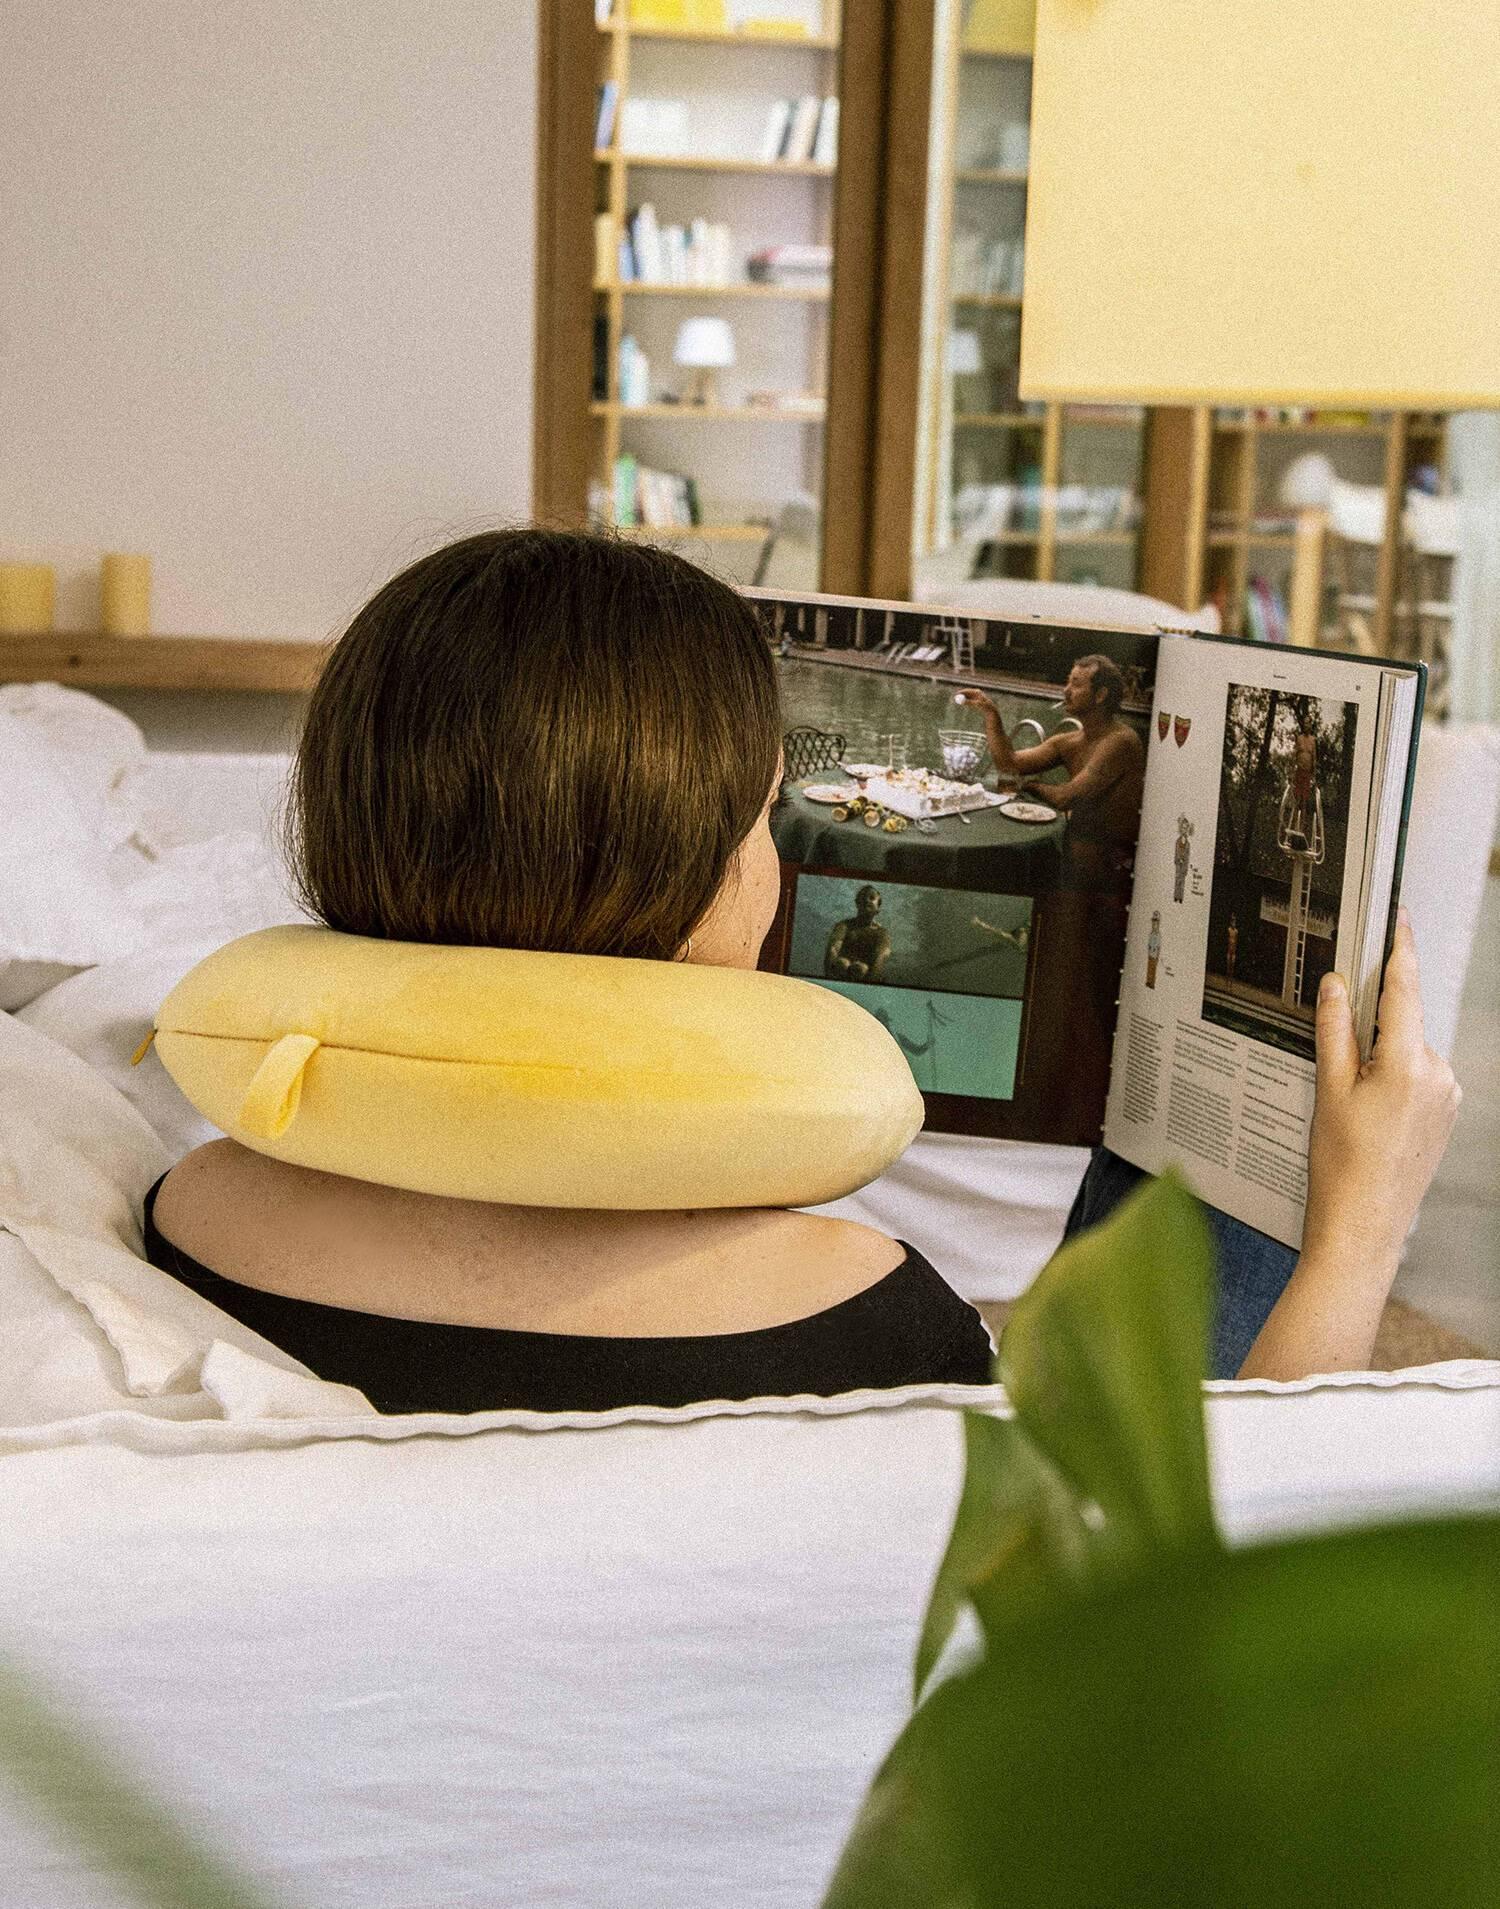 Velvet travel pillow